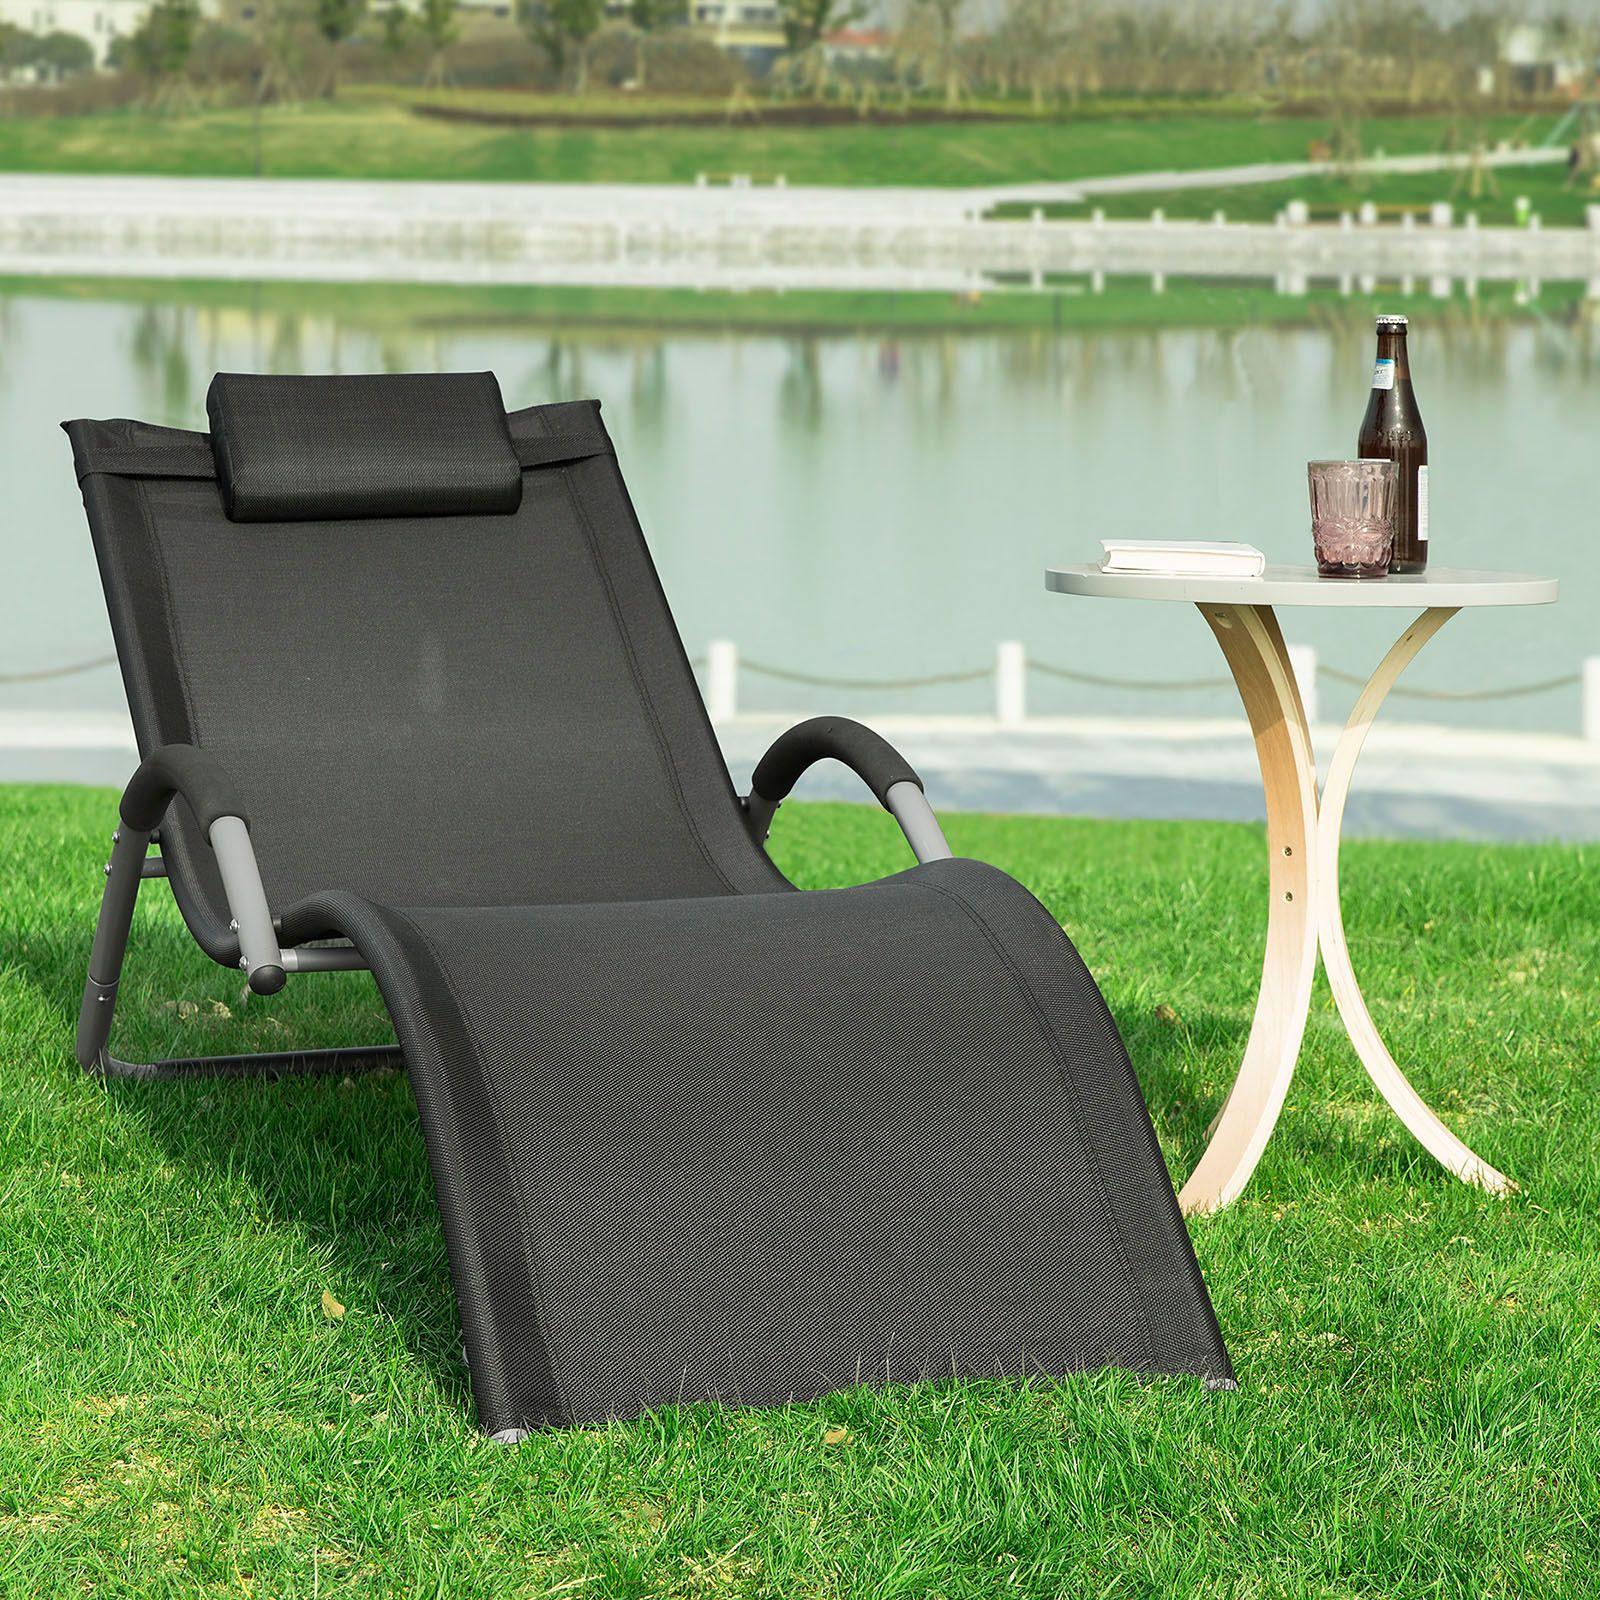 SUN BED LETTINO POLTRONA RECLINABILE IN ALLUMINIO SEDIA Outdoor Deck Patio Giardino Spiaggia